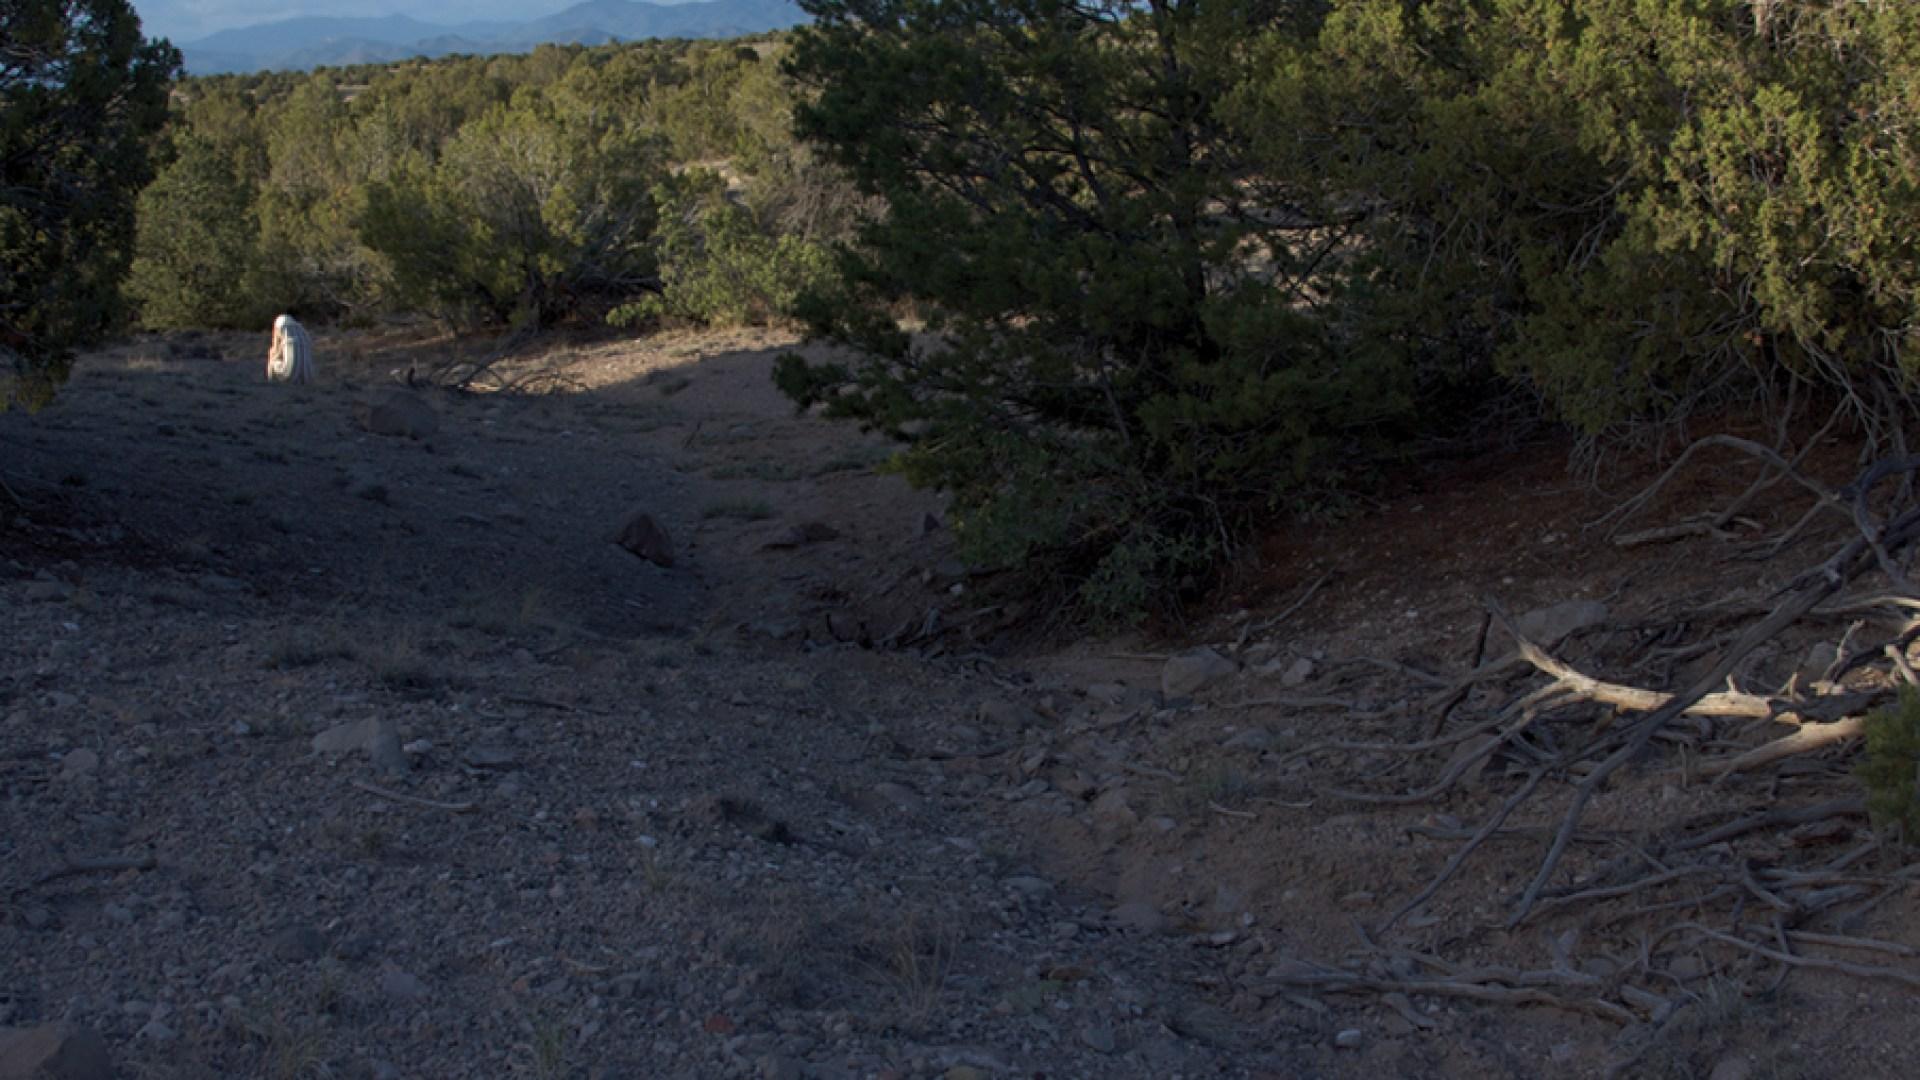 Landscape Studies: New Mexico 16